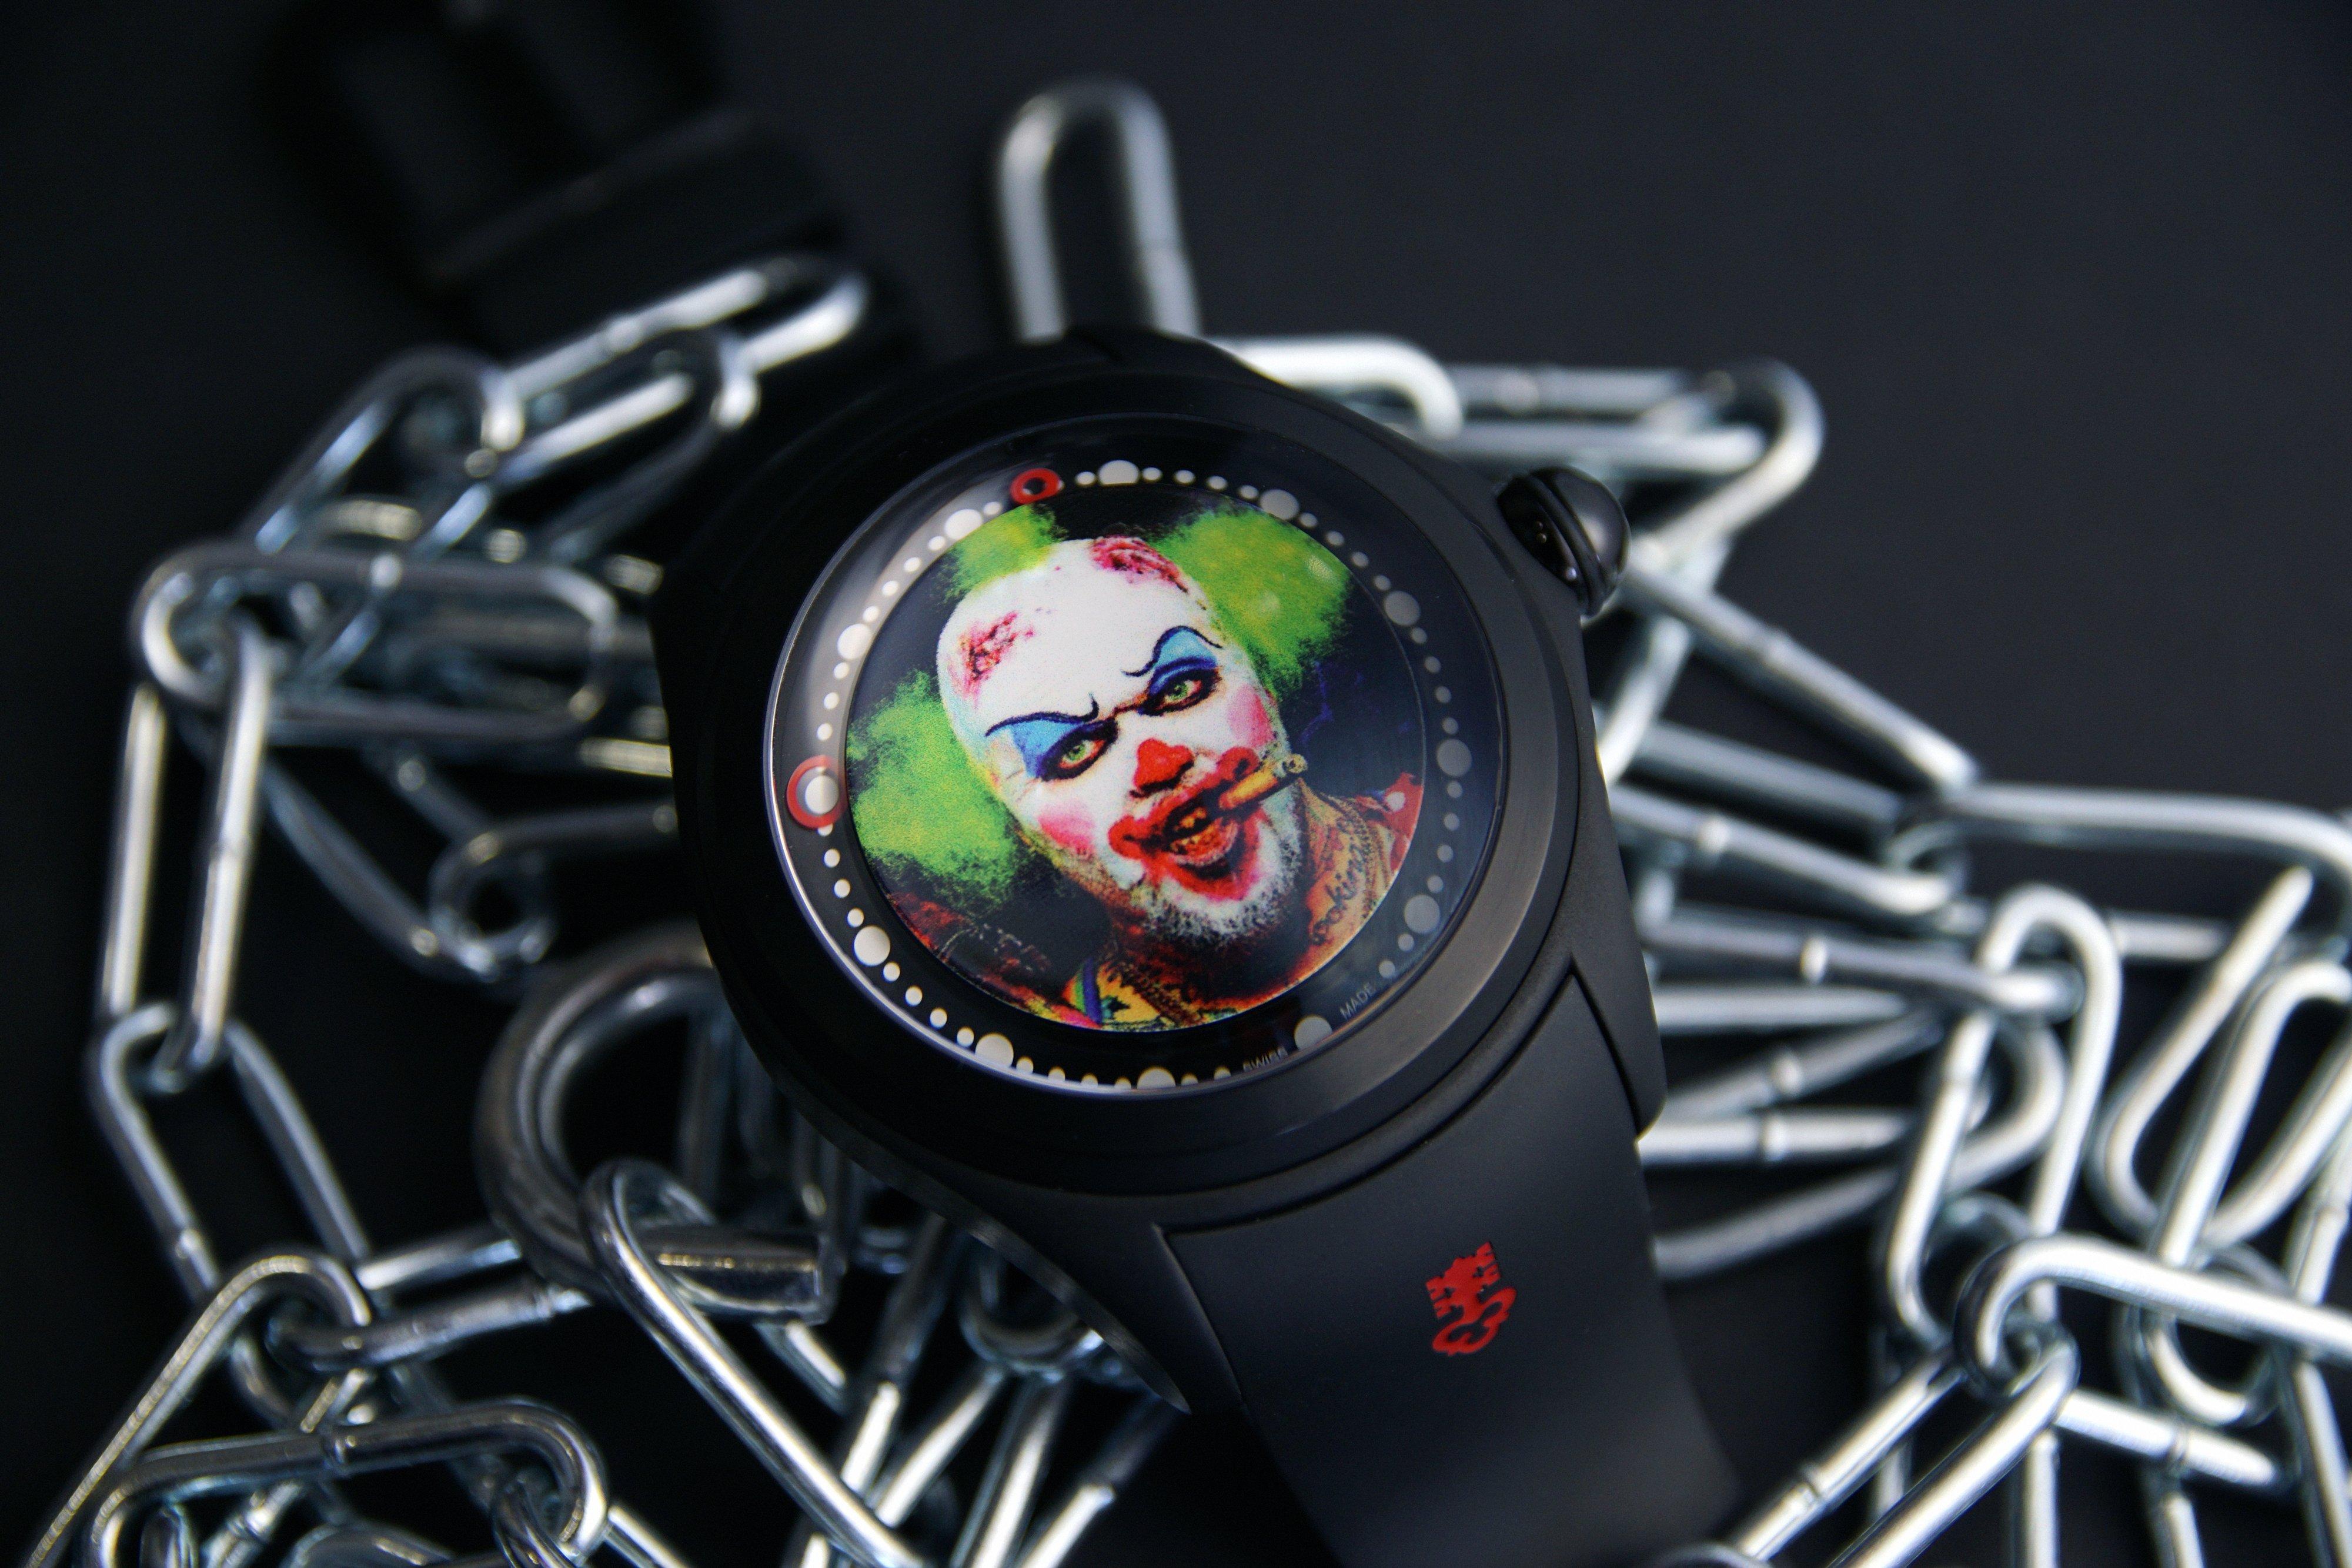 Gar nicht mal so schön: Hässliche Uhren und sonstige Design-Unfälle – eine subjektive Auswahl